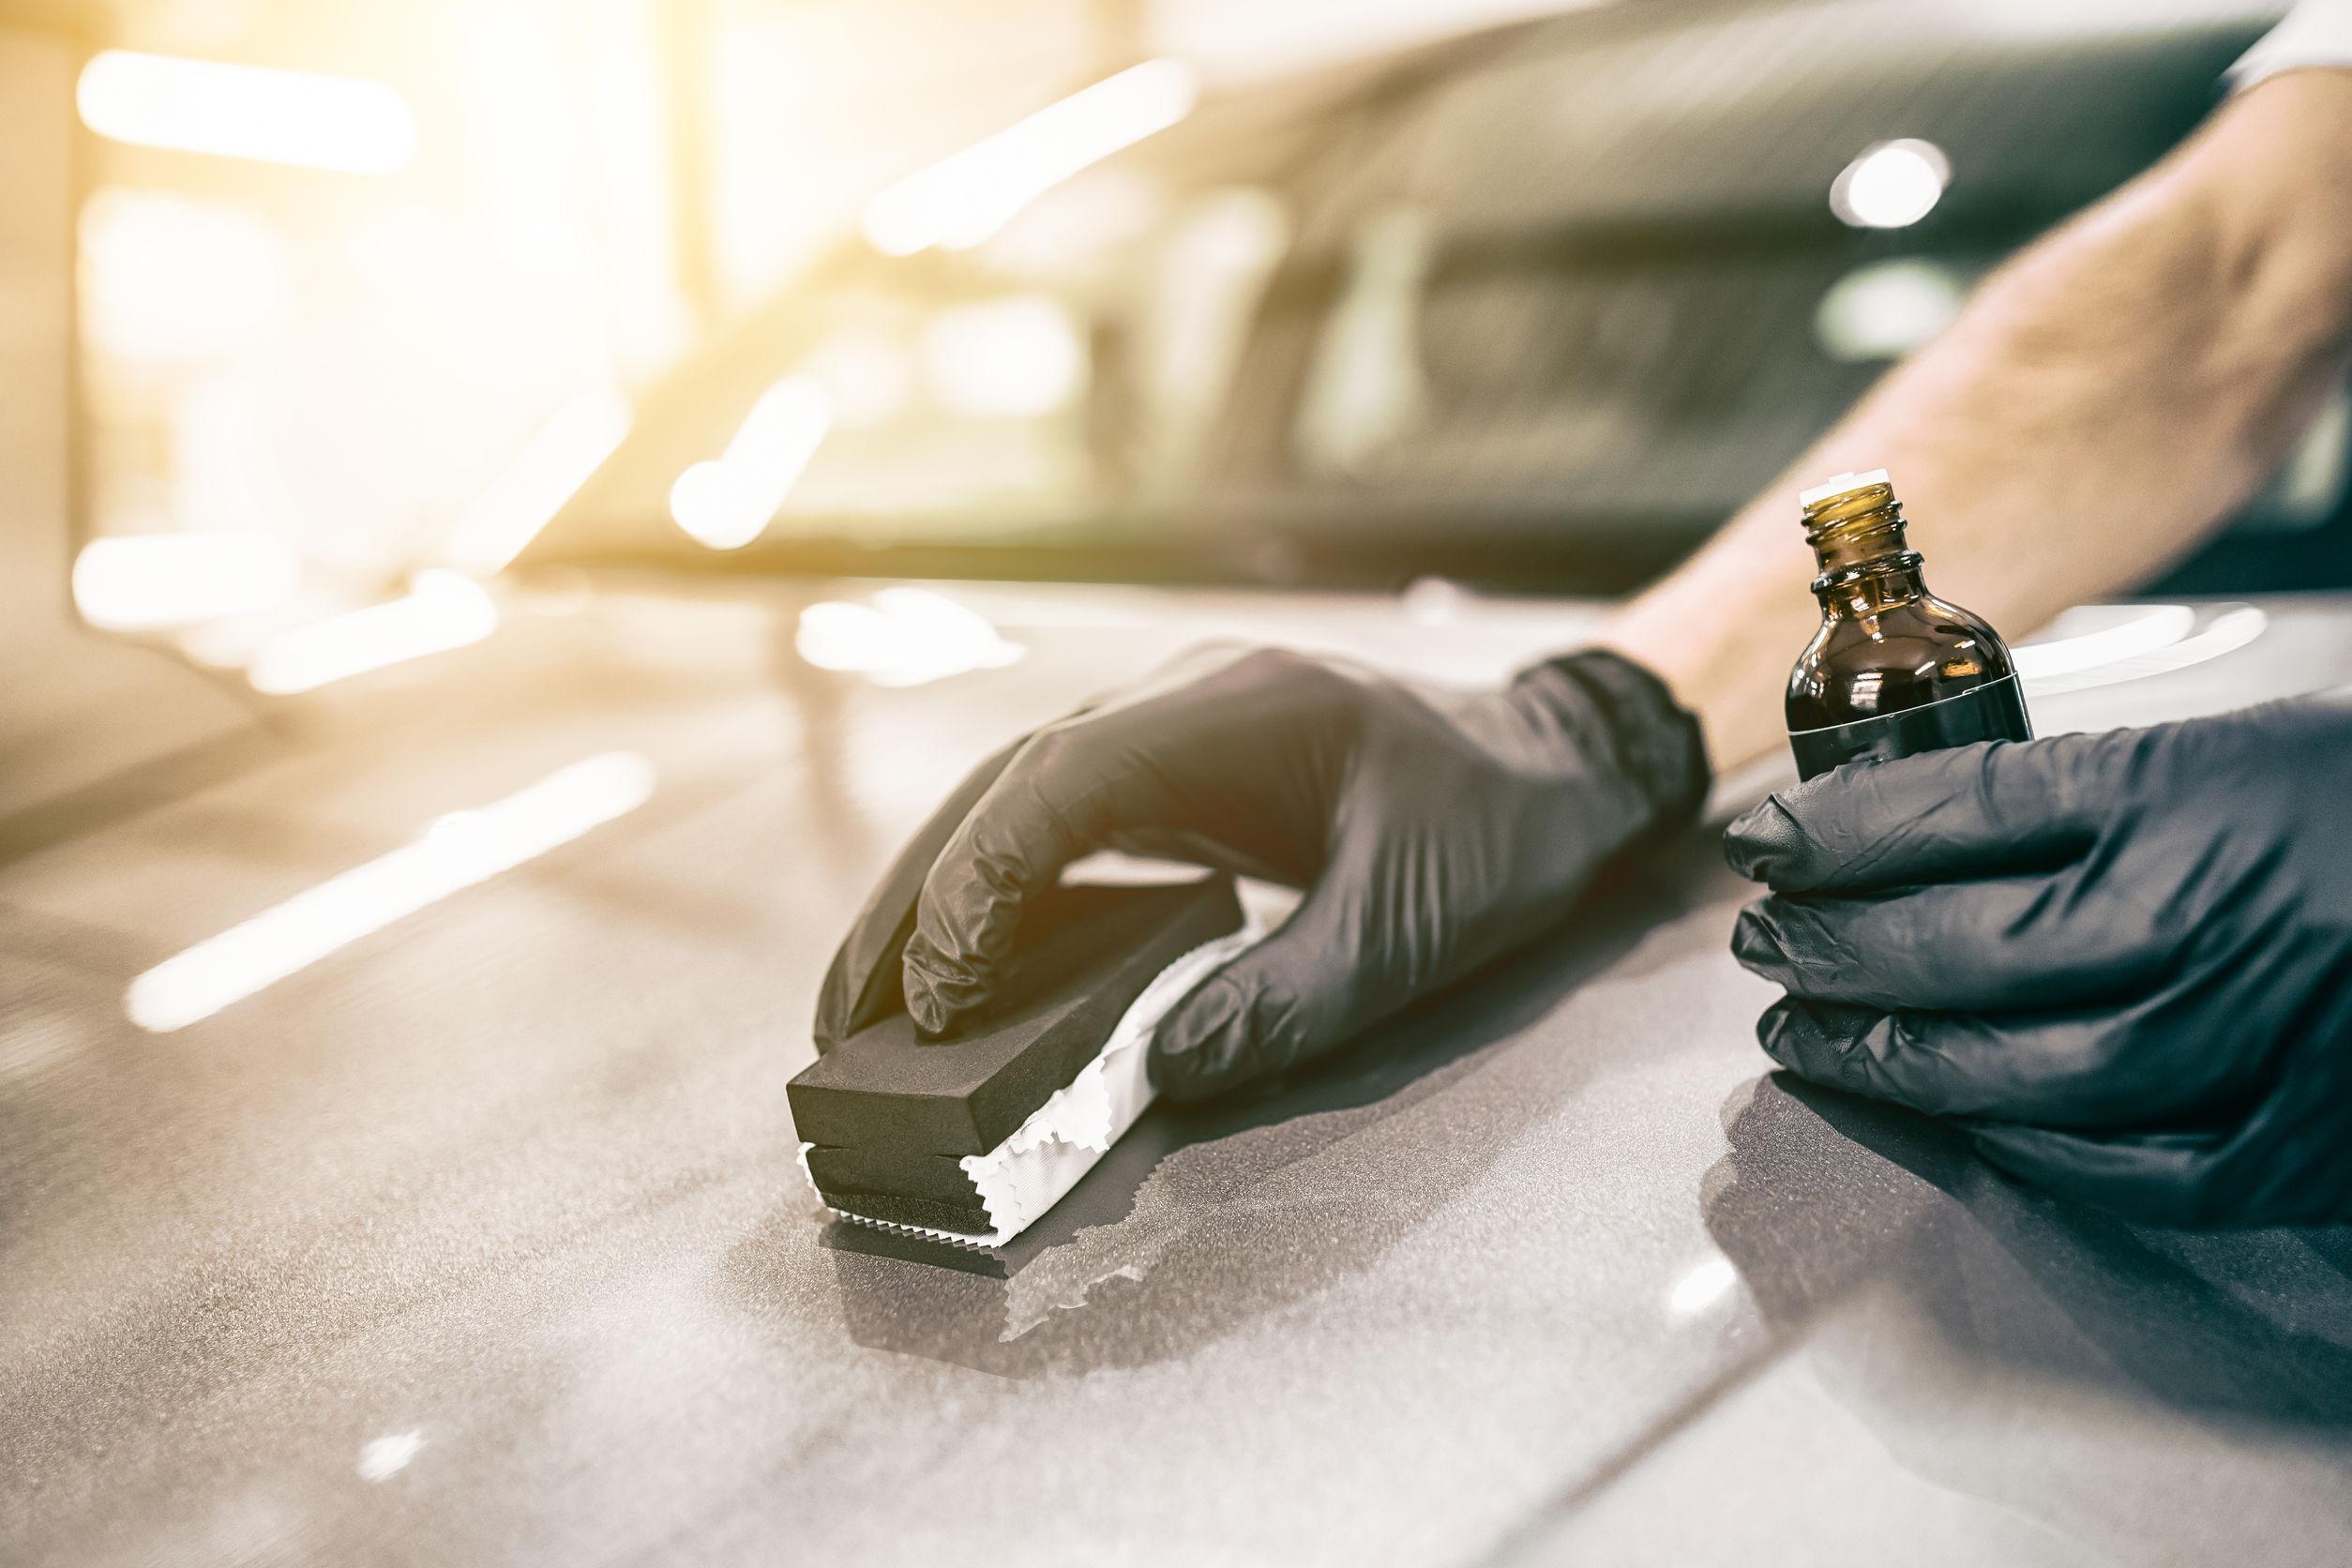 Imagem mostra uma pessoa passando cera em um automóvel.